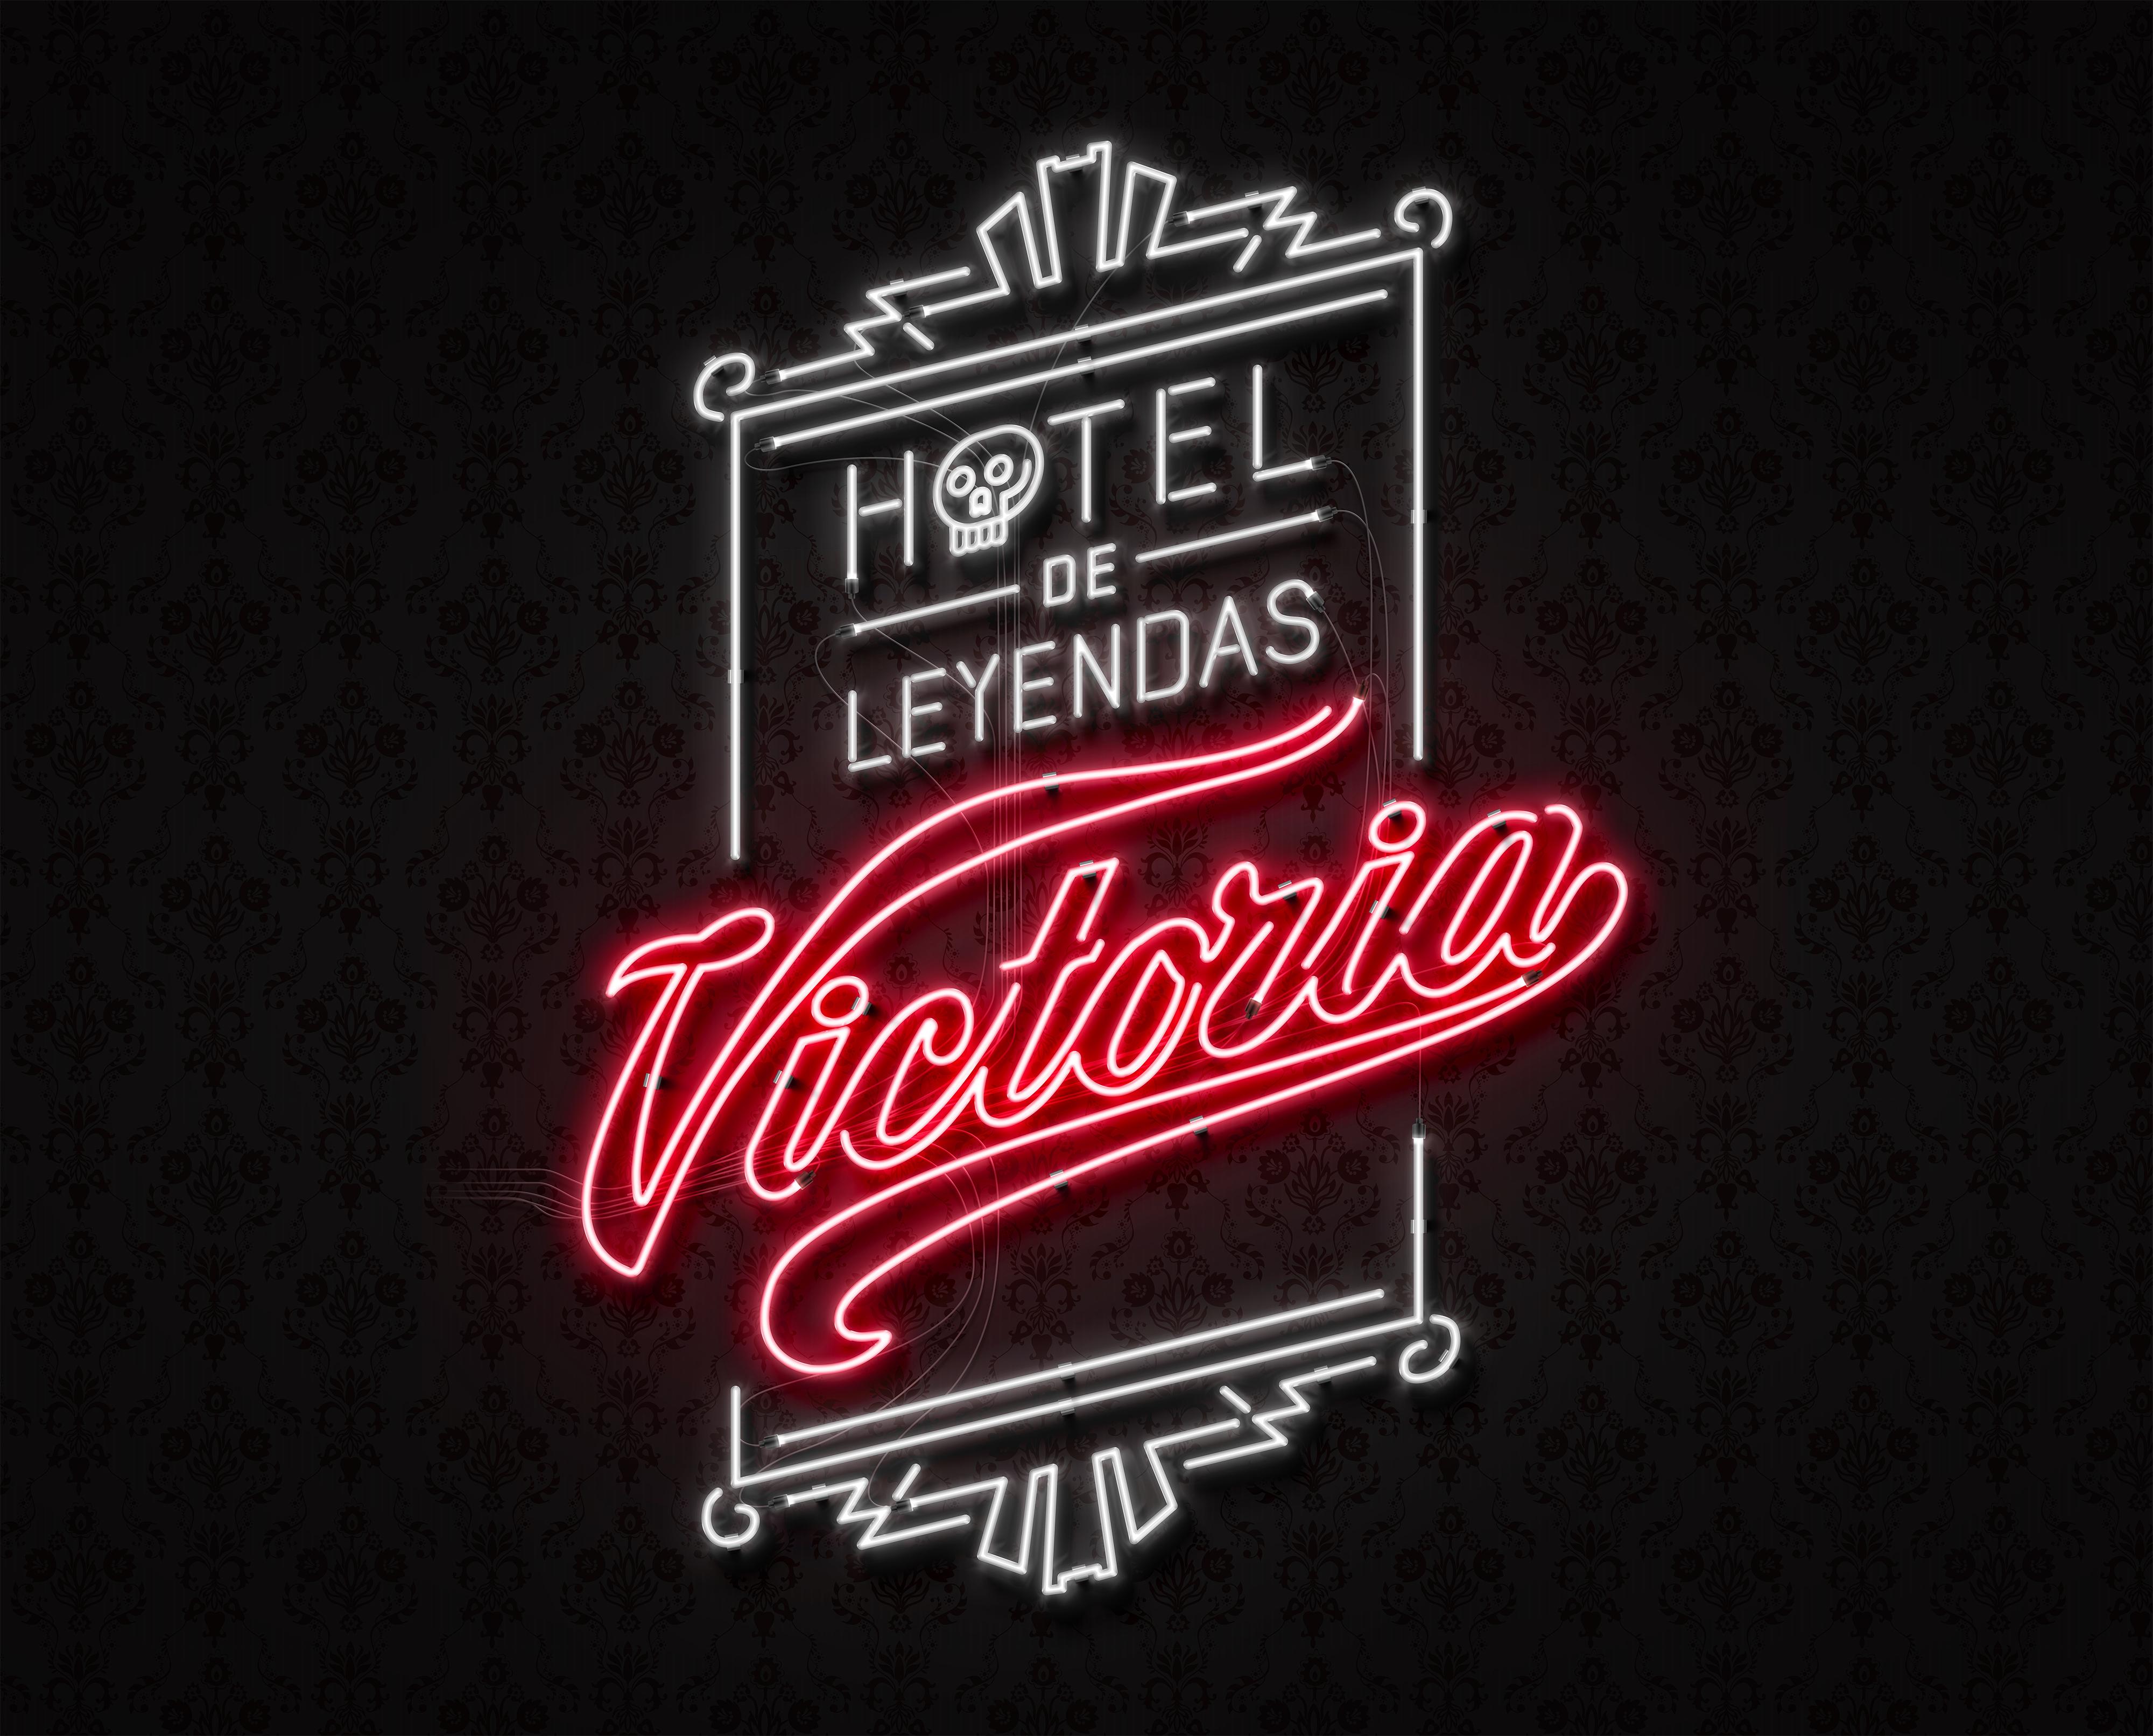 EL HOTEL DE LEYENDAS VICTORIA PRESENTA: LA ZACATECANA